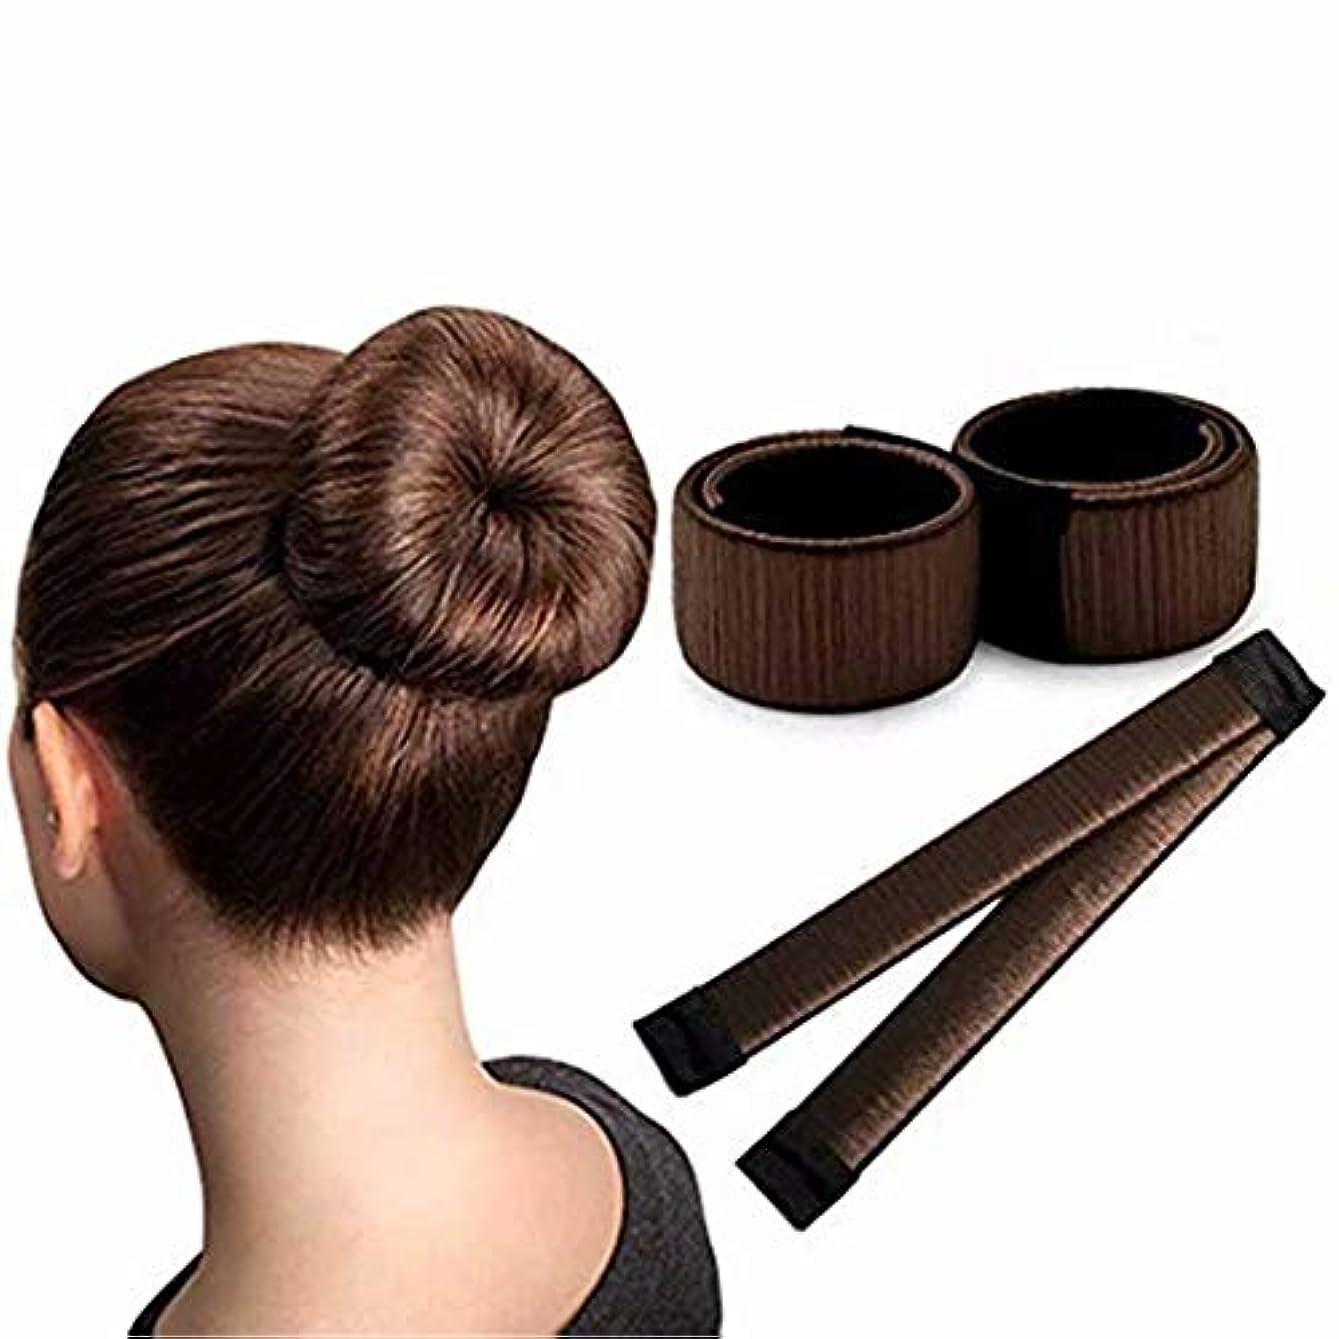 うがい曖昧な顔料七里の香 ボールヘッド ドーナツヘアメーカー ローラーヘアスタイルツール